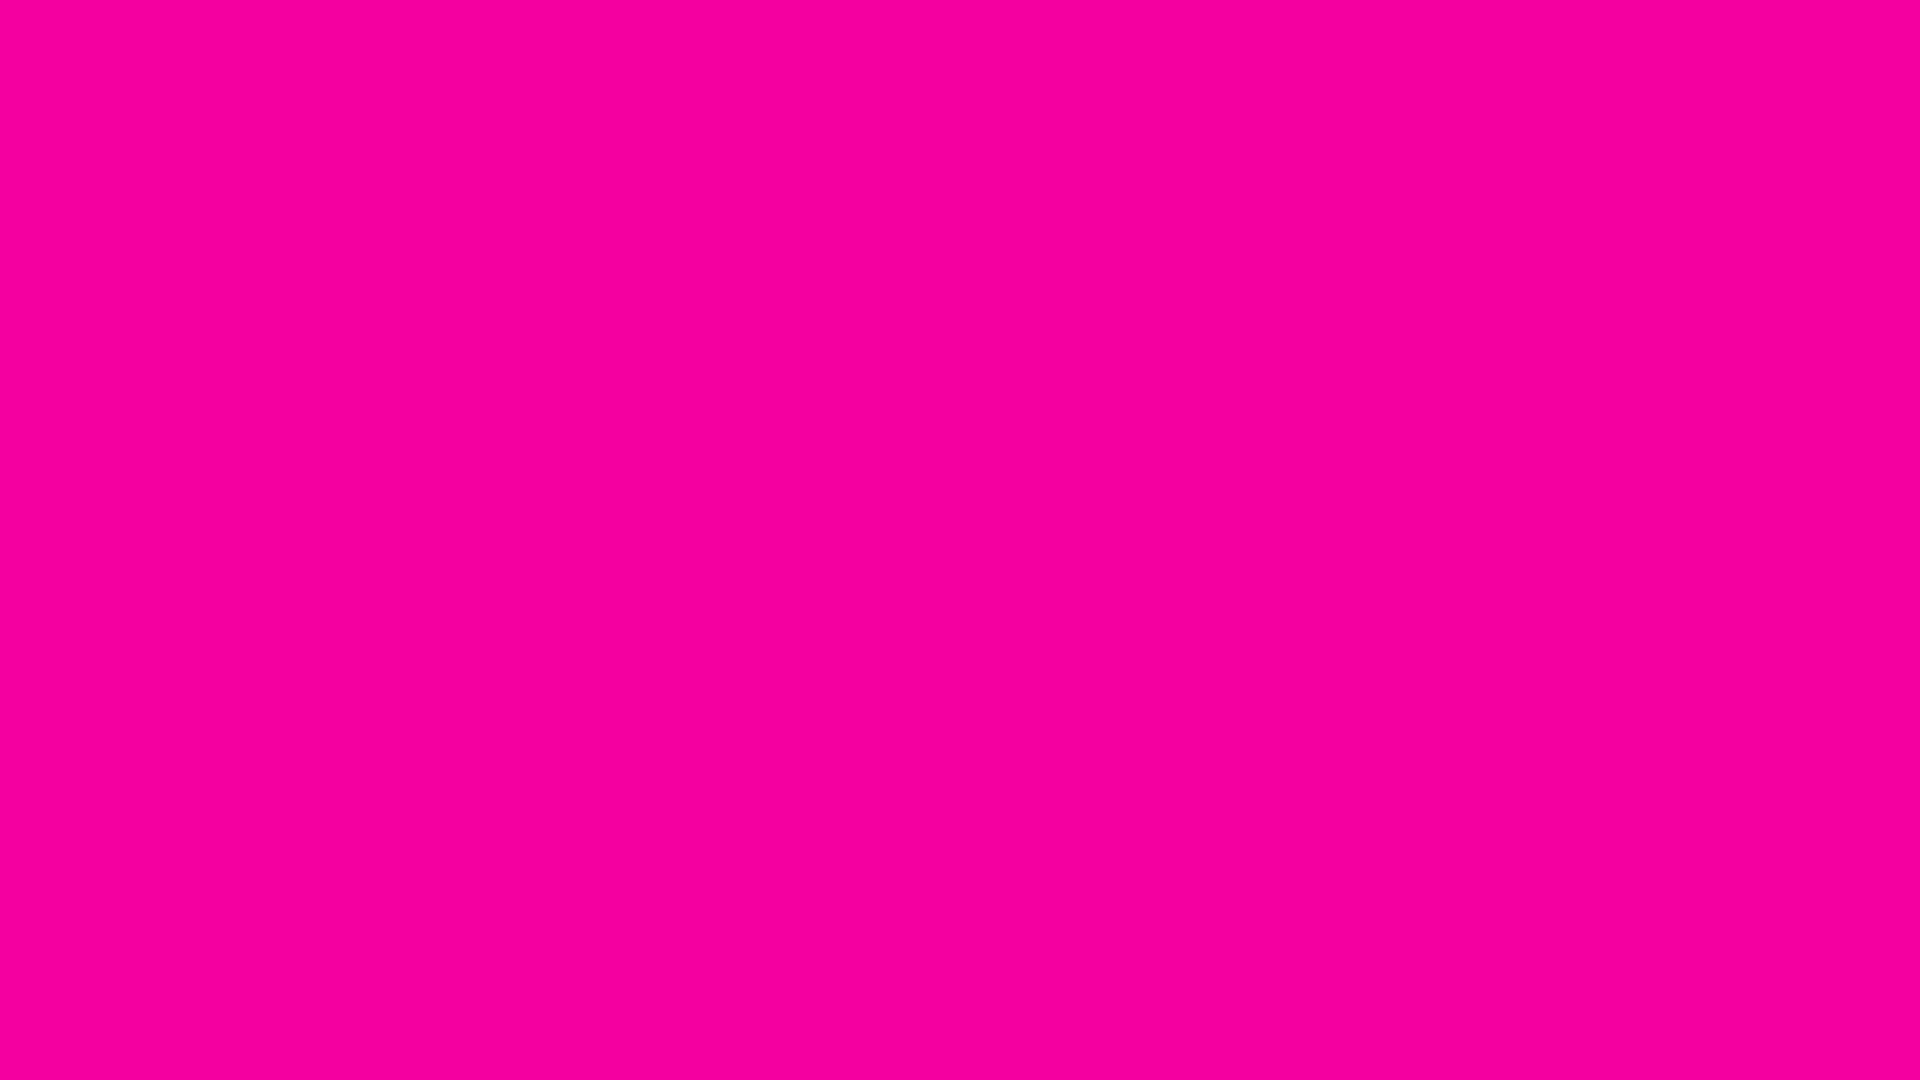 Fuchsia Solid Color Wallpaper 49778